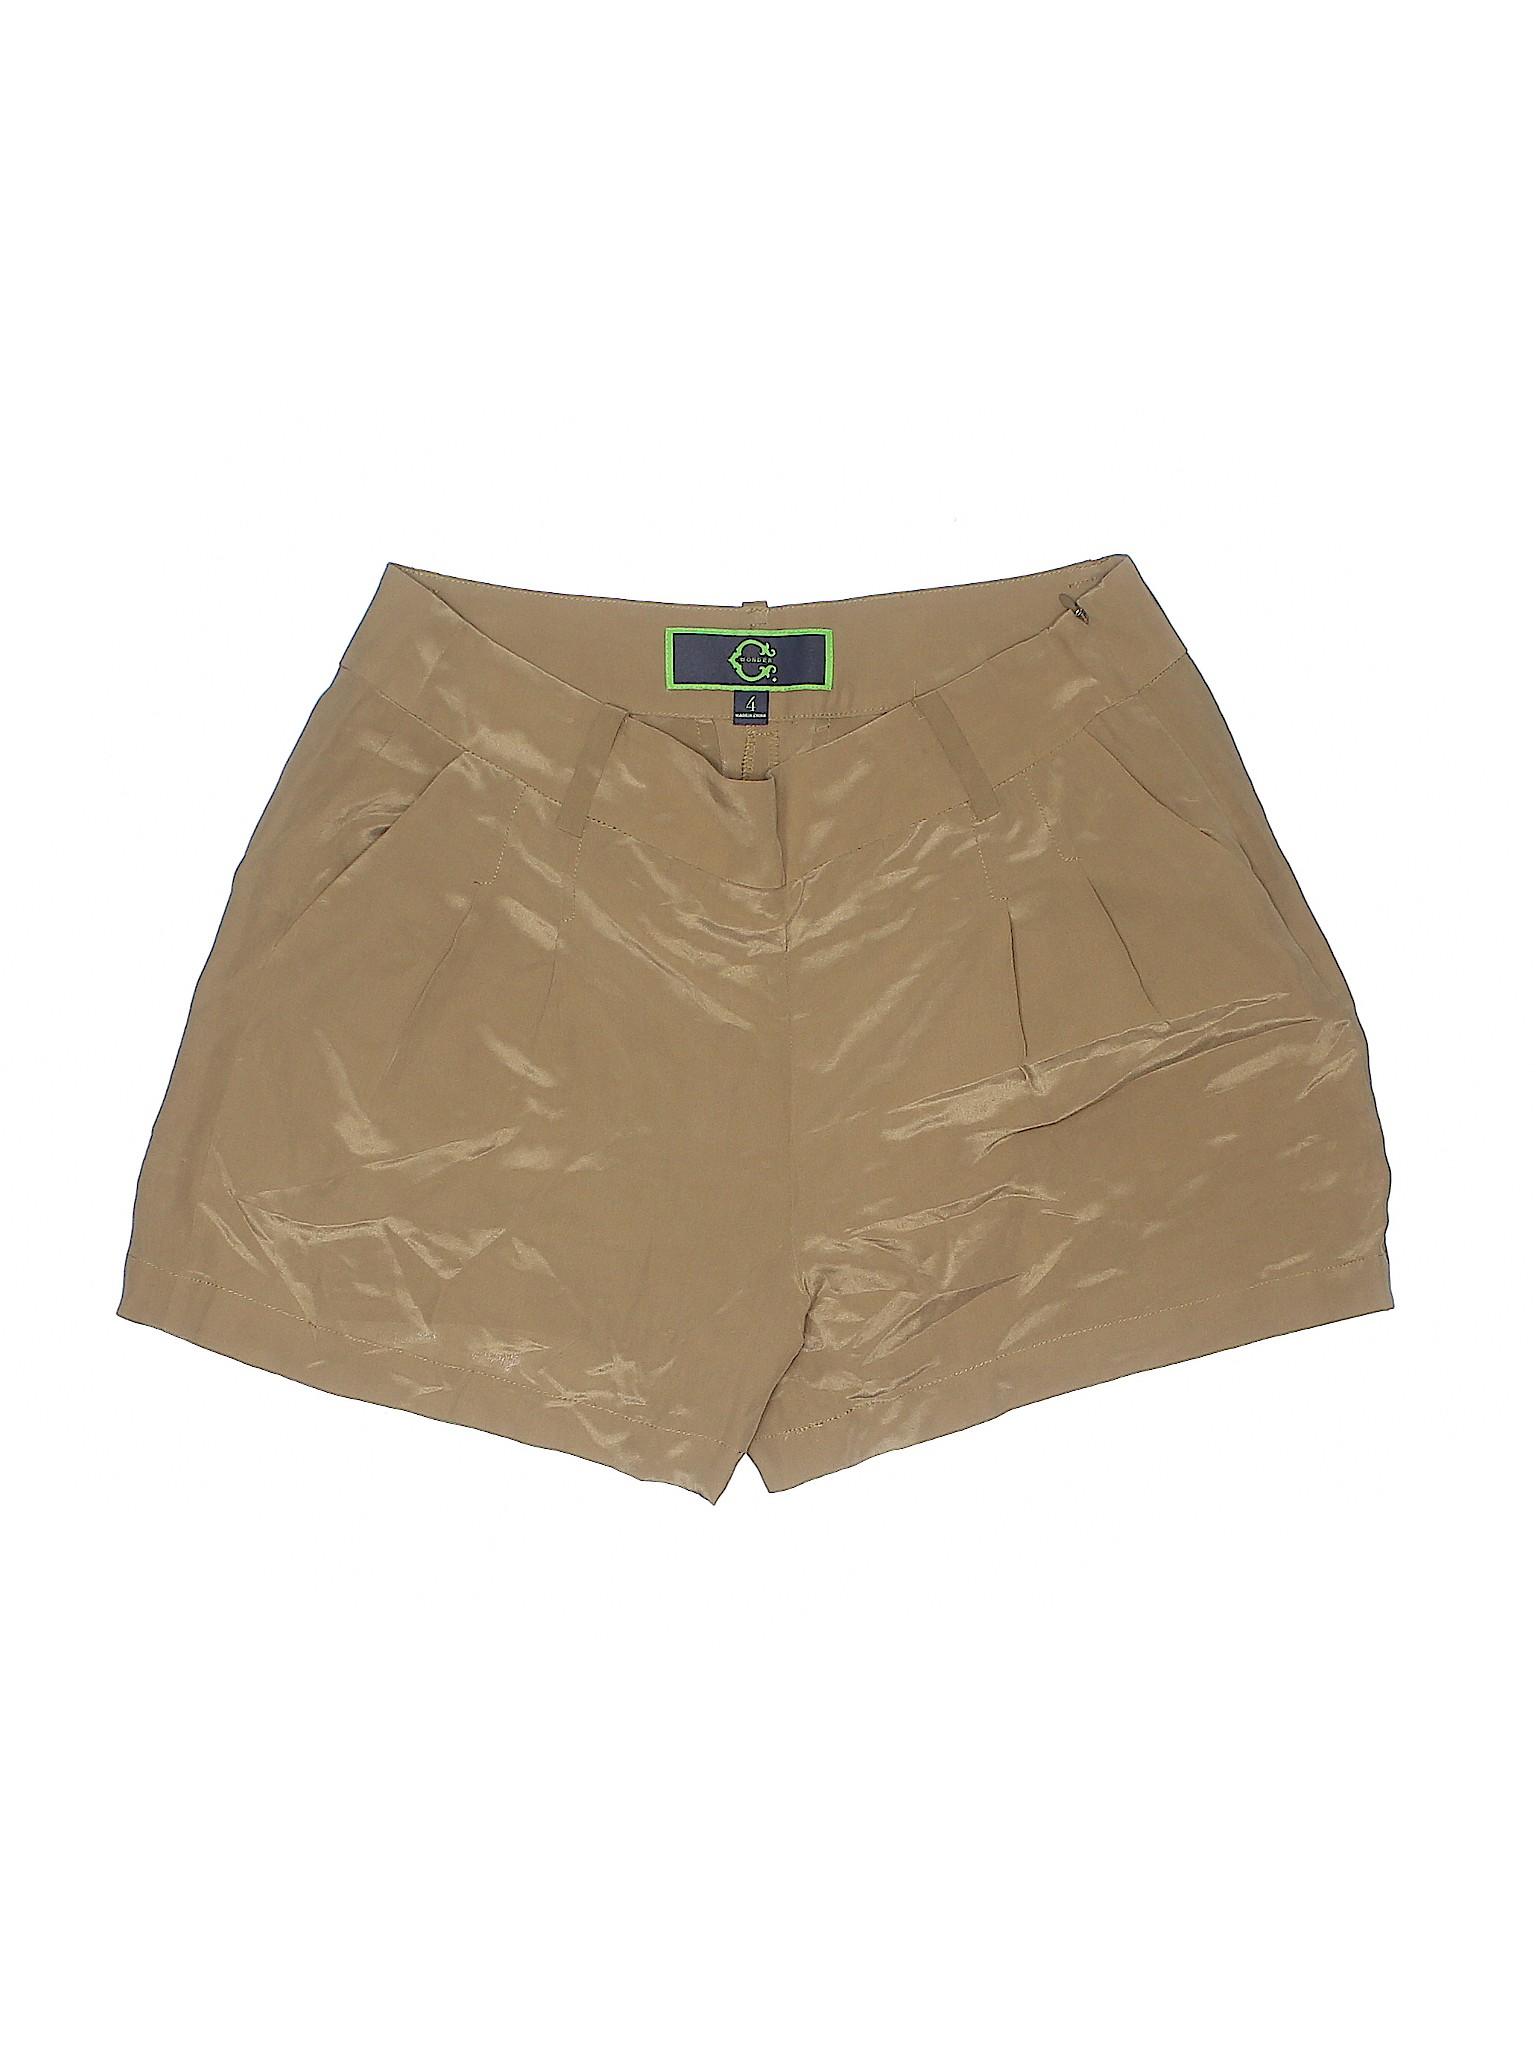 leisure leisure Boutique C Shorts Boutique C Wonder Boutique leisure Shorts C Wonder gF1qI41